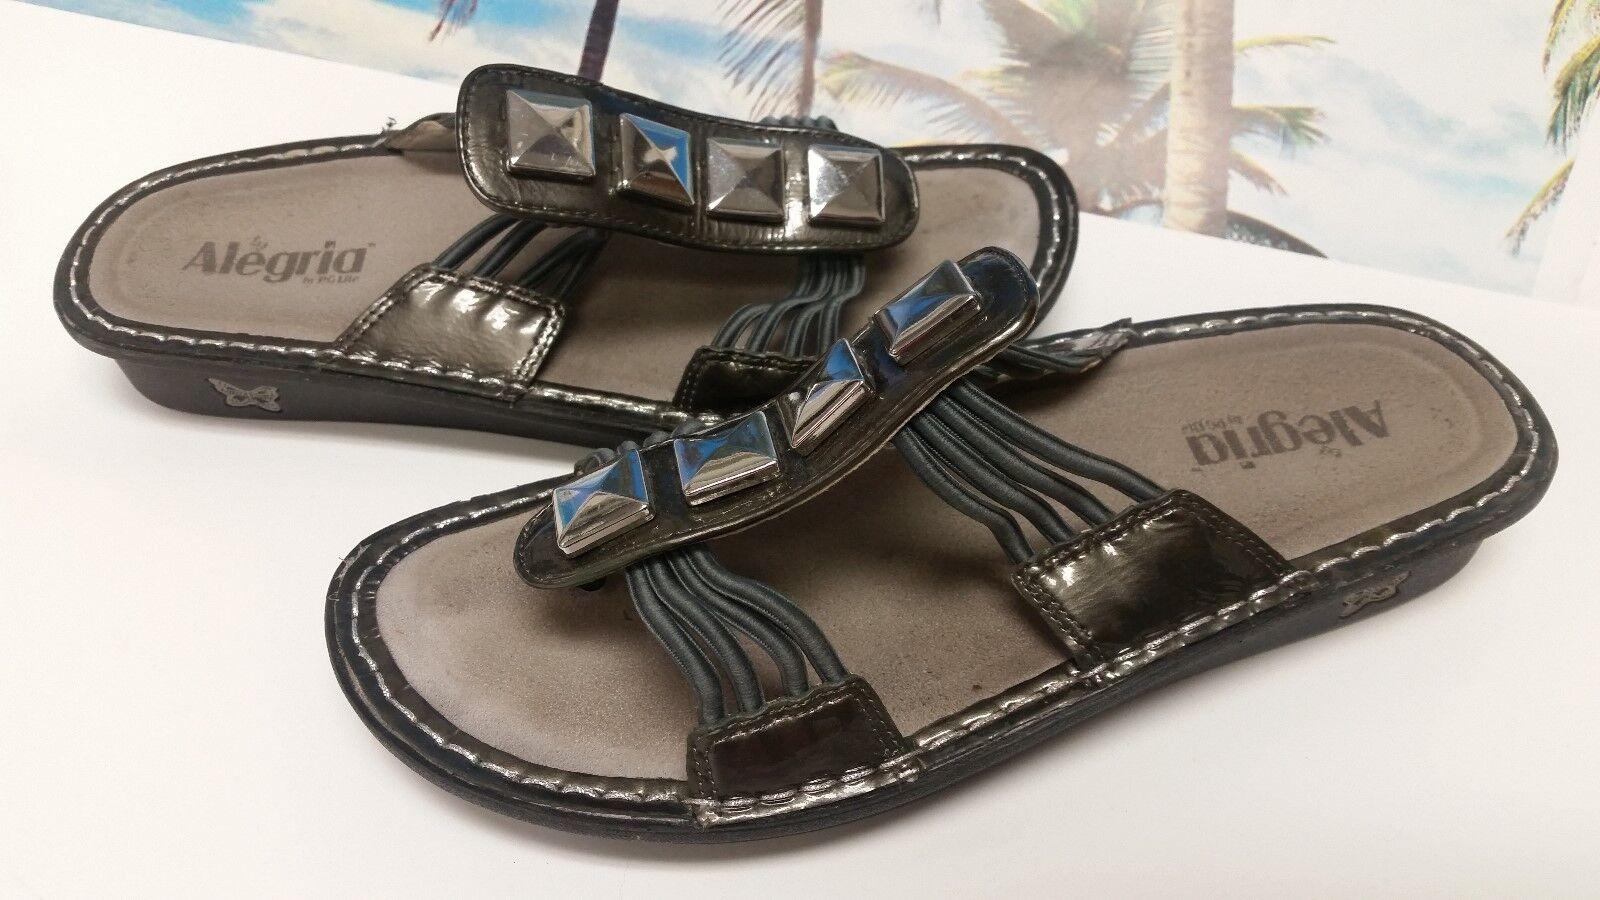 L @ @ @ @ K Mujer Alegria gris Metálico Sandalias Talla 40 (US 10) Excelente  suministramos lo mejor